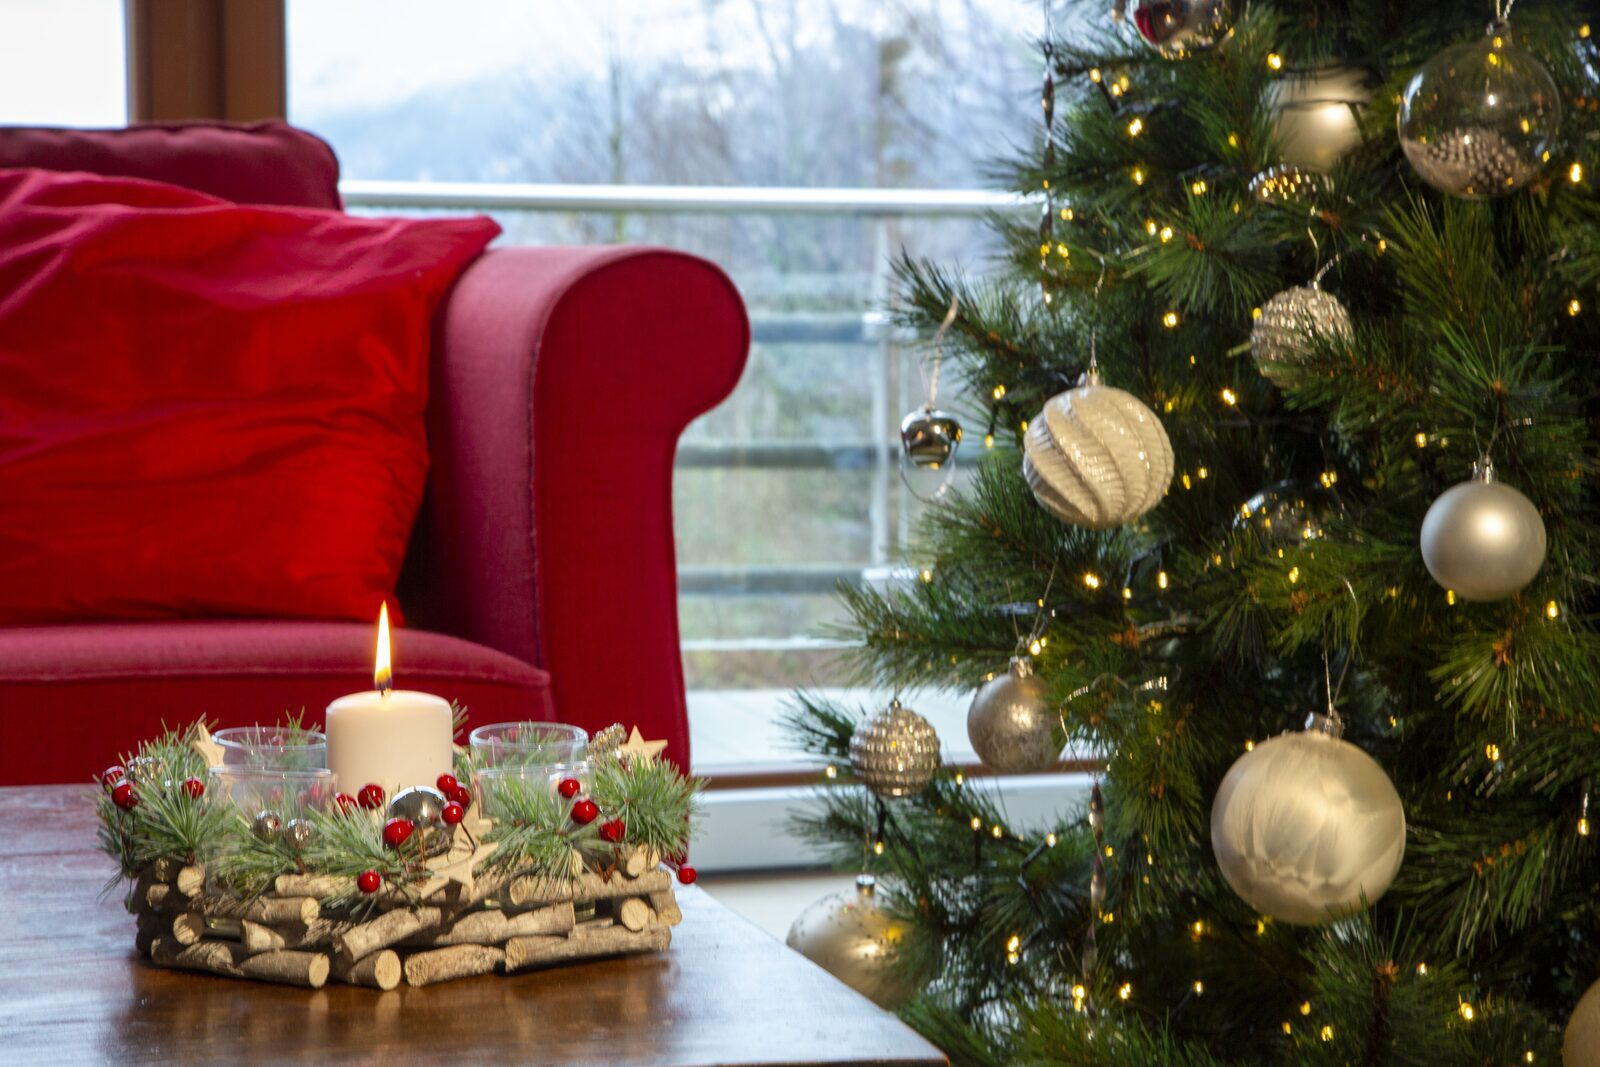 Witte kerstmis?